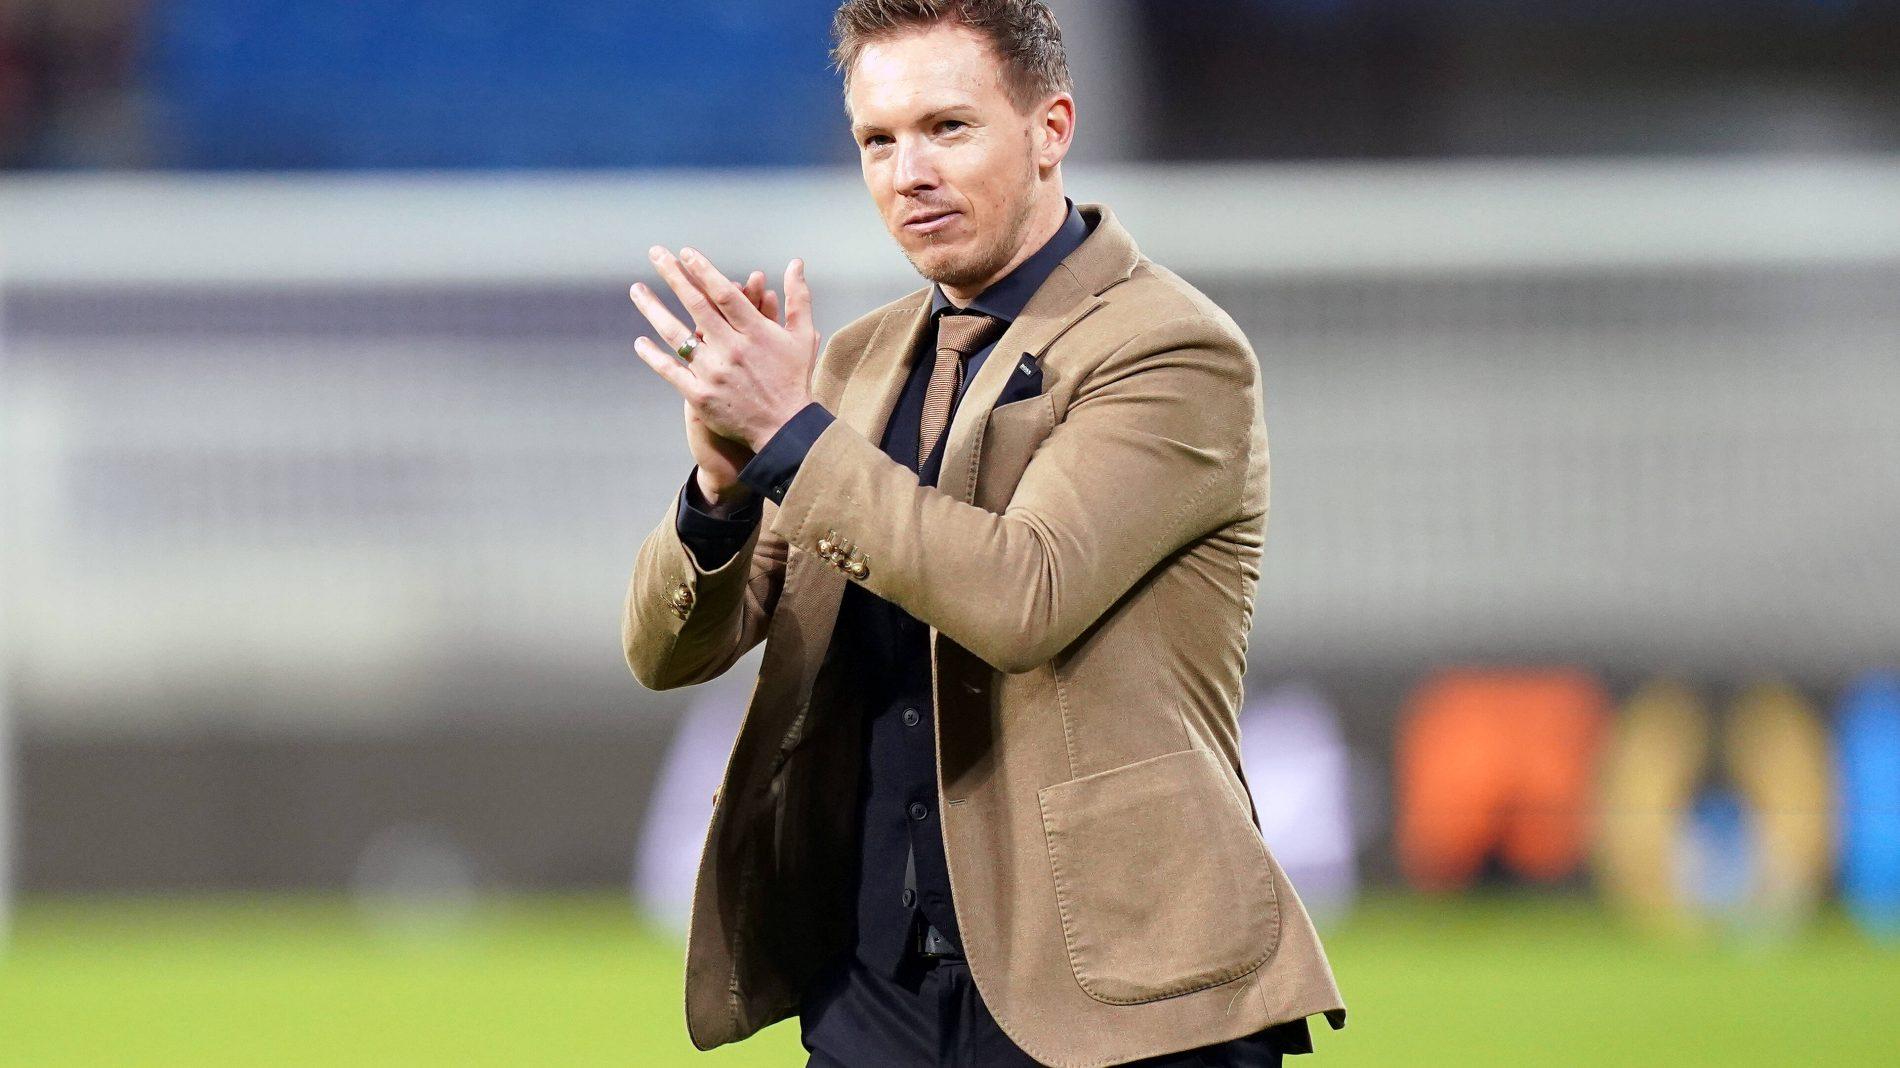 天空体育:纳帅下赛季将踢三后卫五后卫提升拜仁防守水平